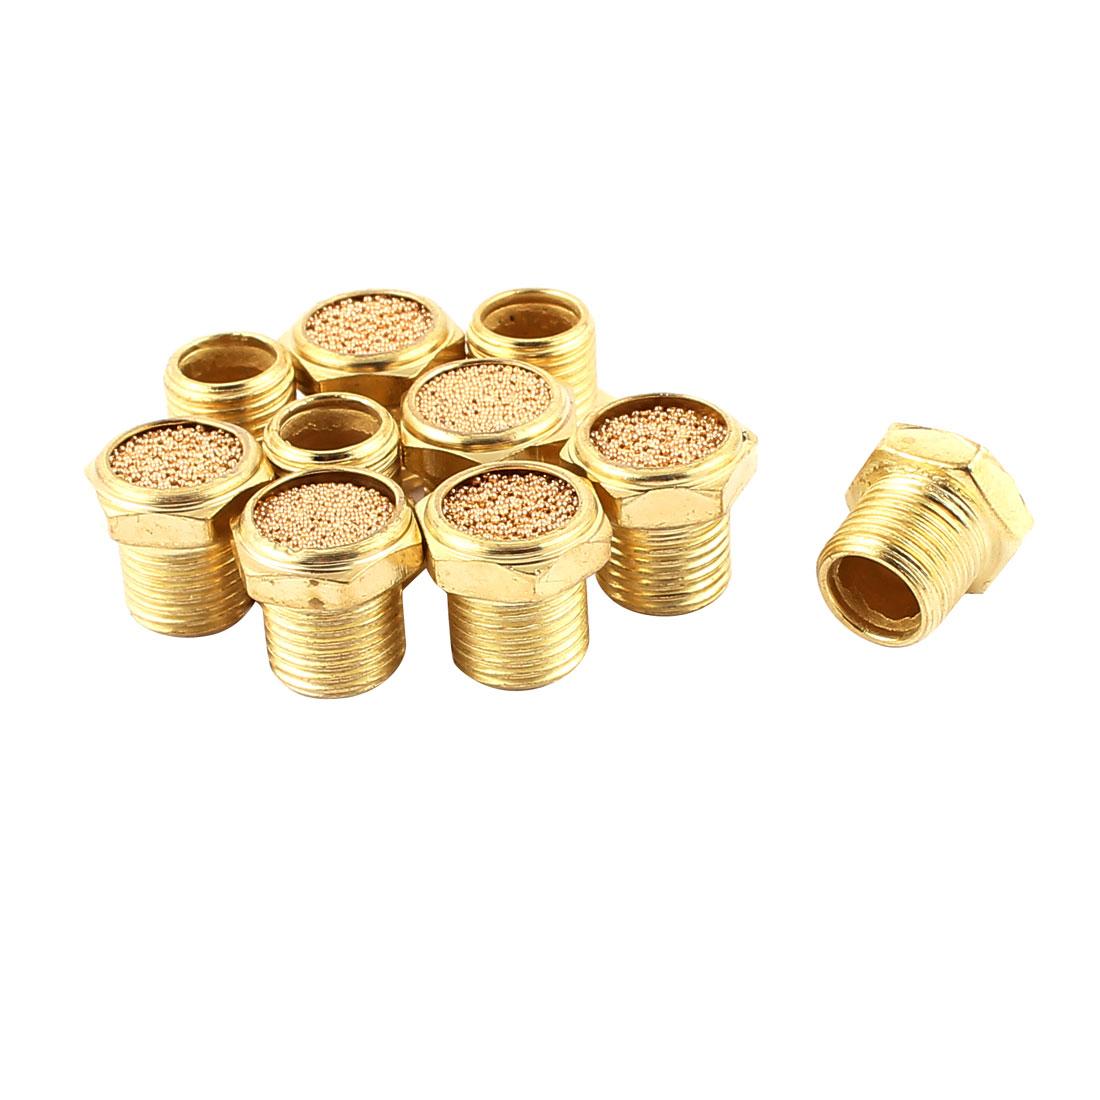 1/8BSP Male Thread Brass Air Pneumatic Noise Reduce Filter Exhaust Muffler 10Pcs